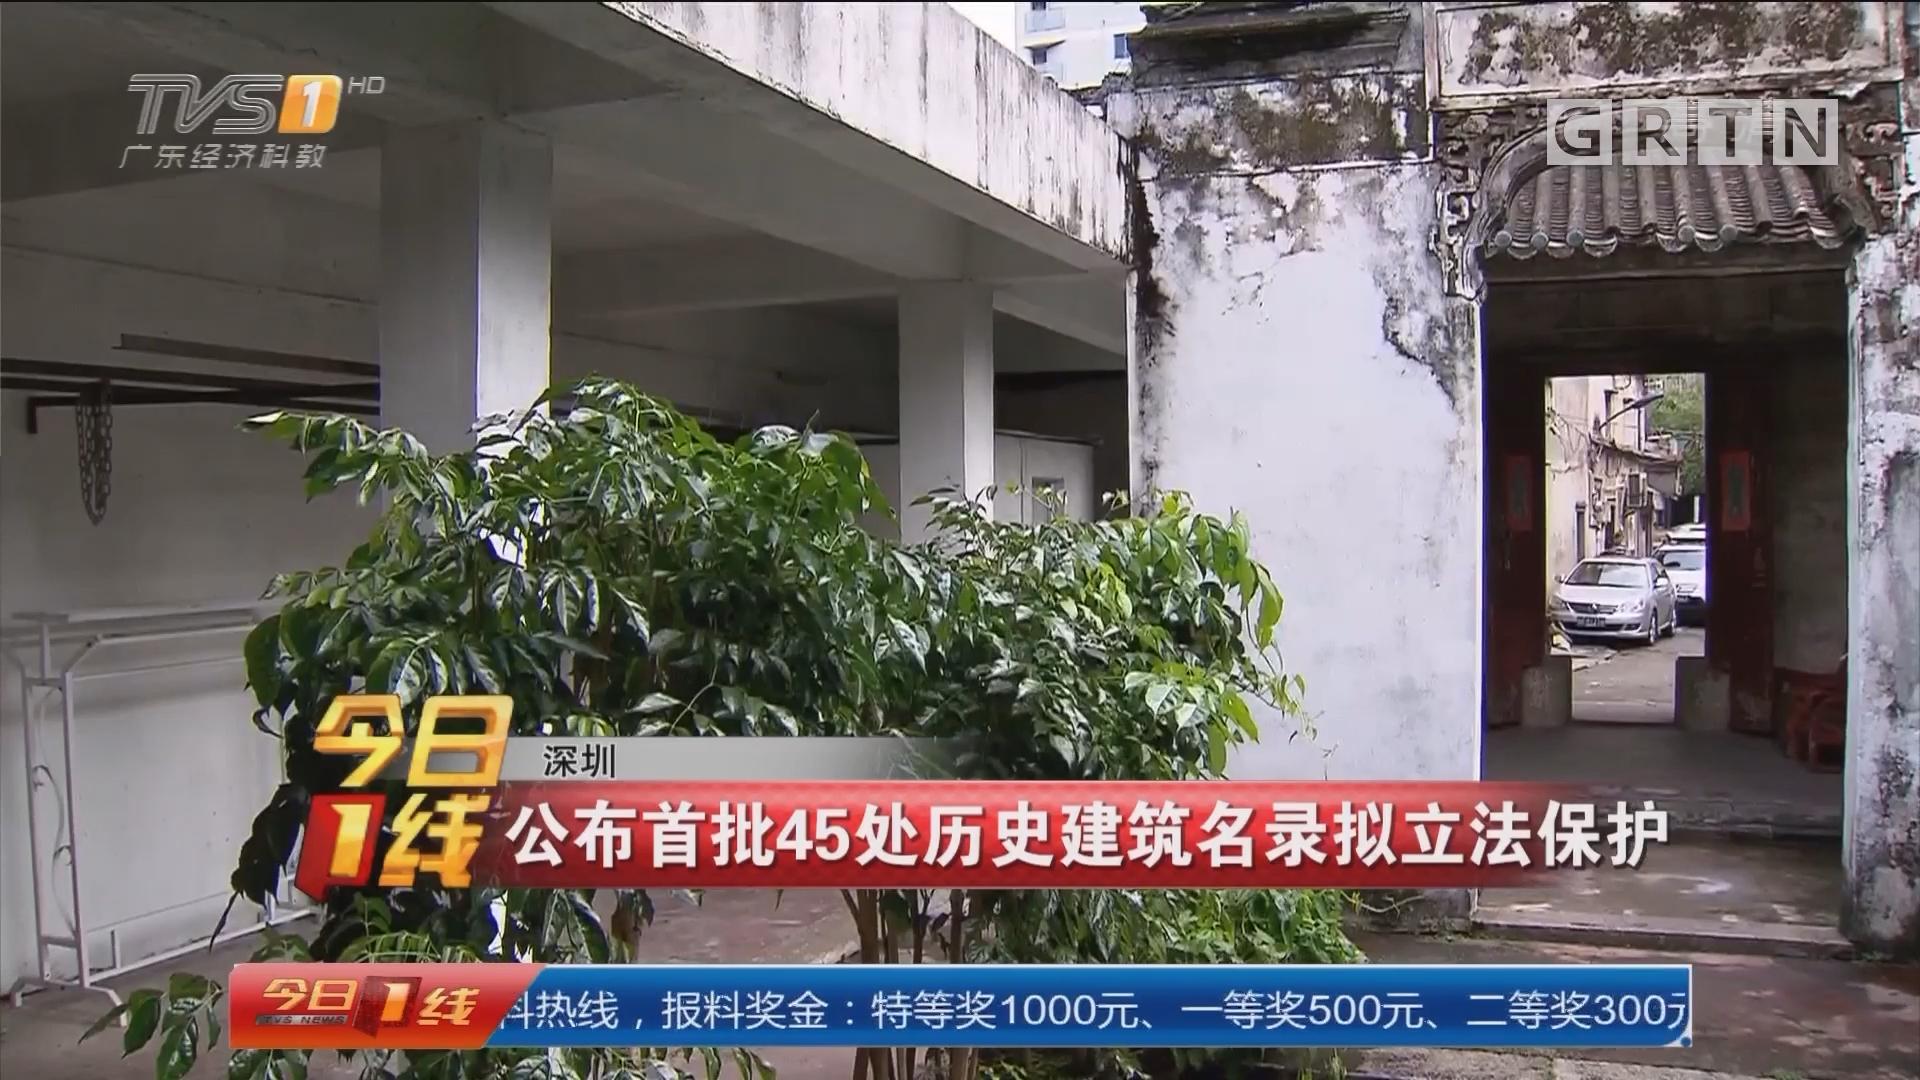 深圳:公布首批45处历史建筑名录拟立法保护